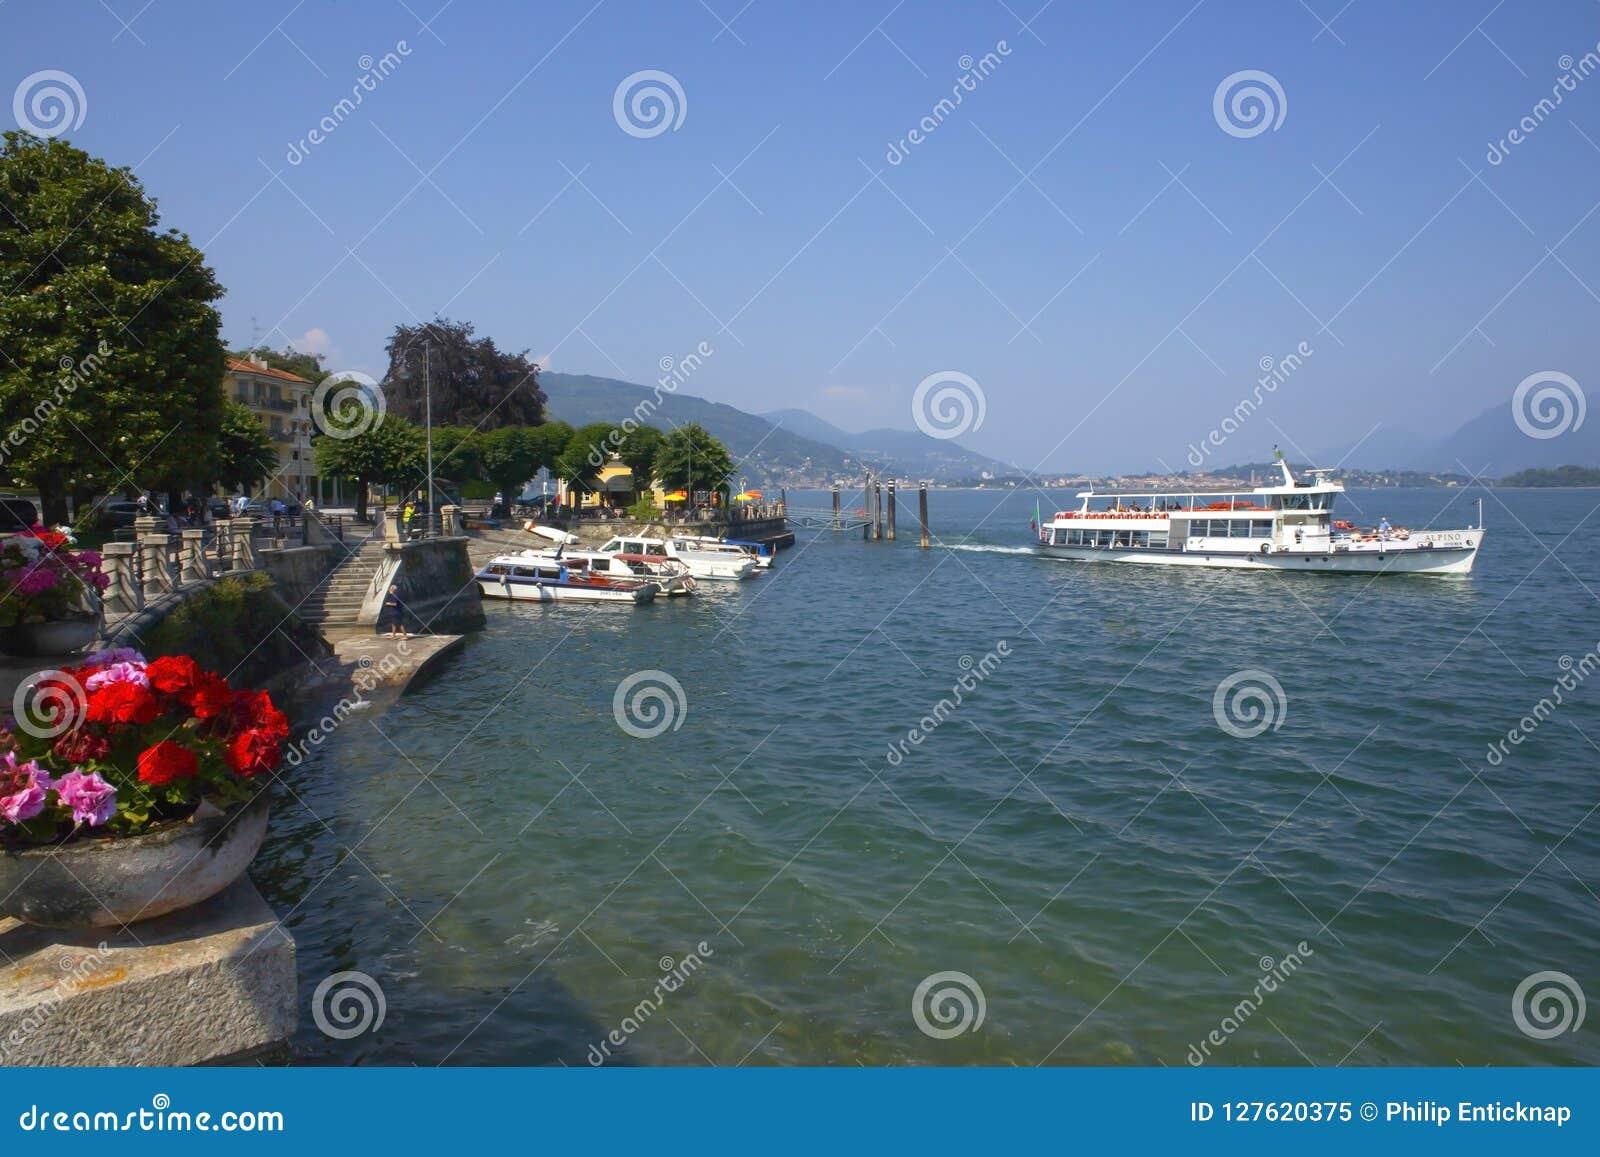 Baveno, Lake Maggiore,,Italy